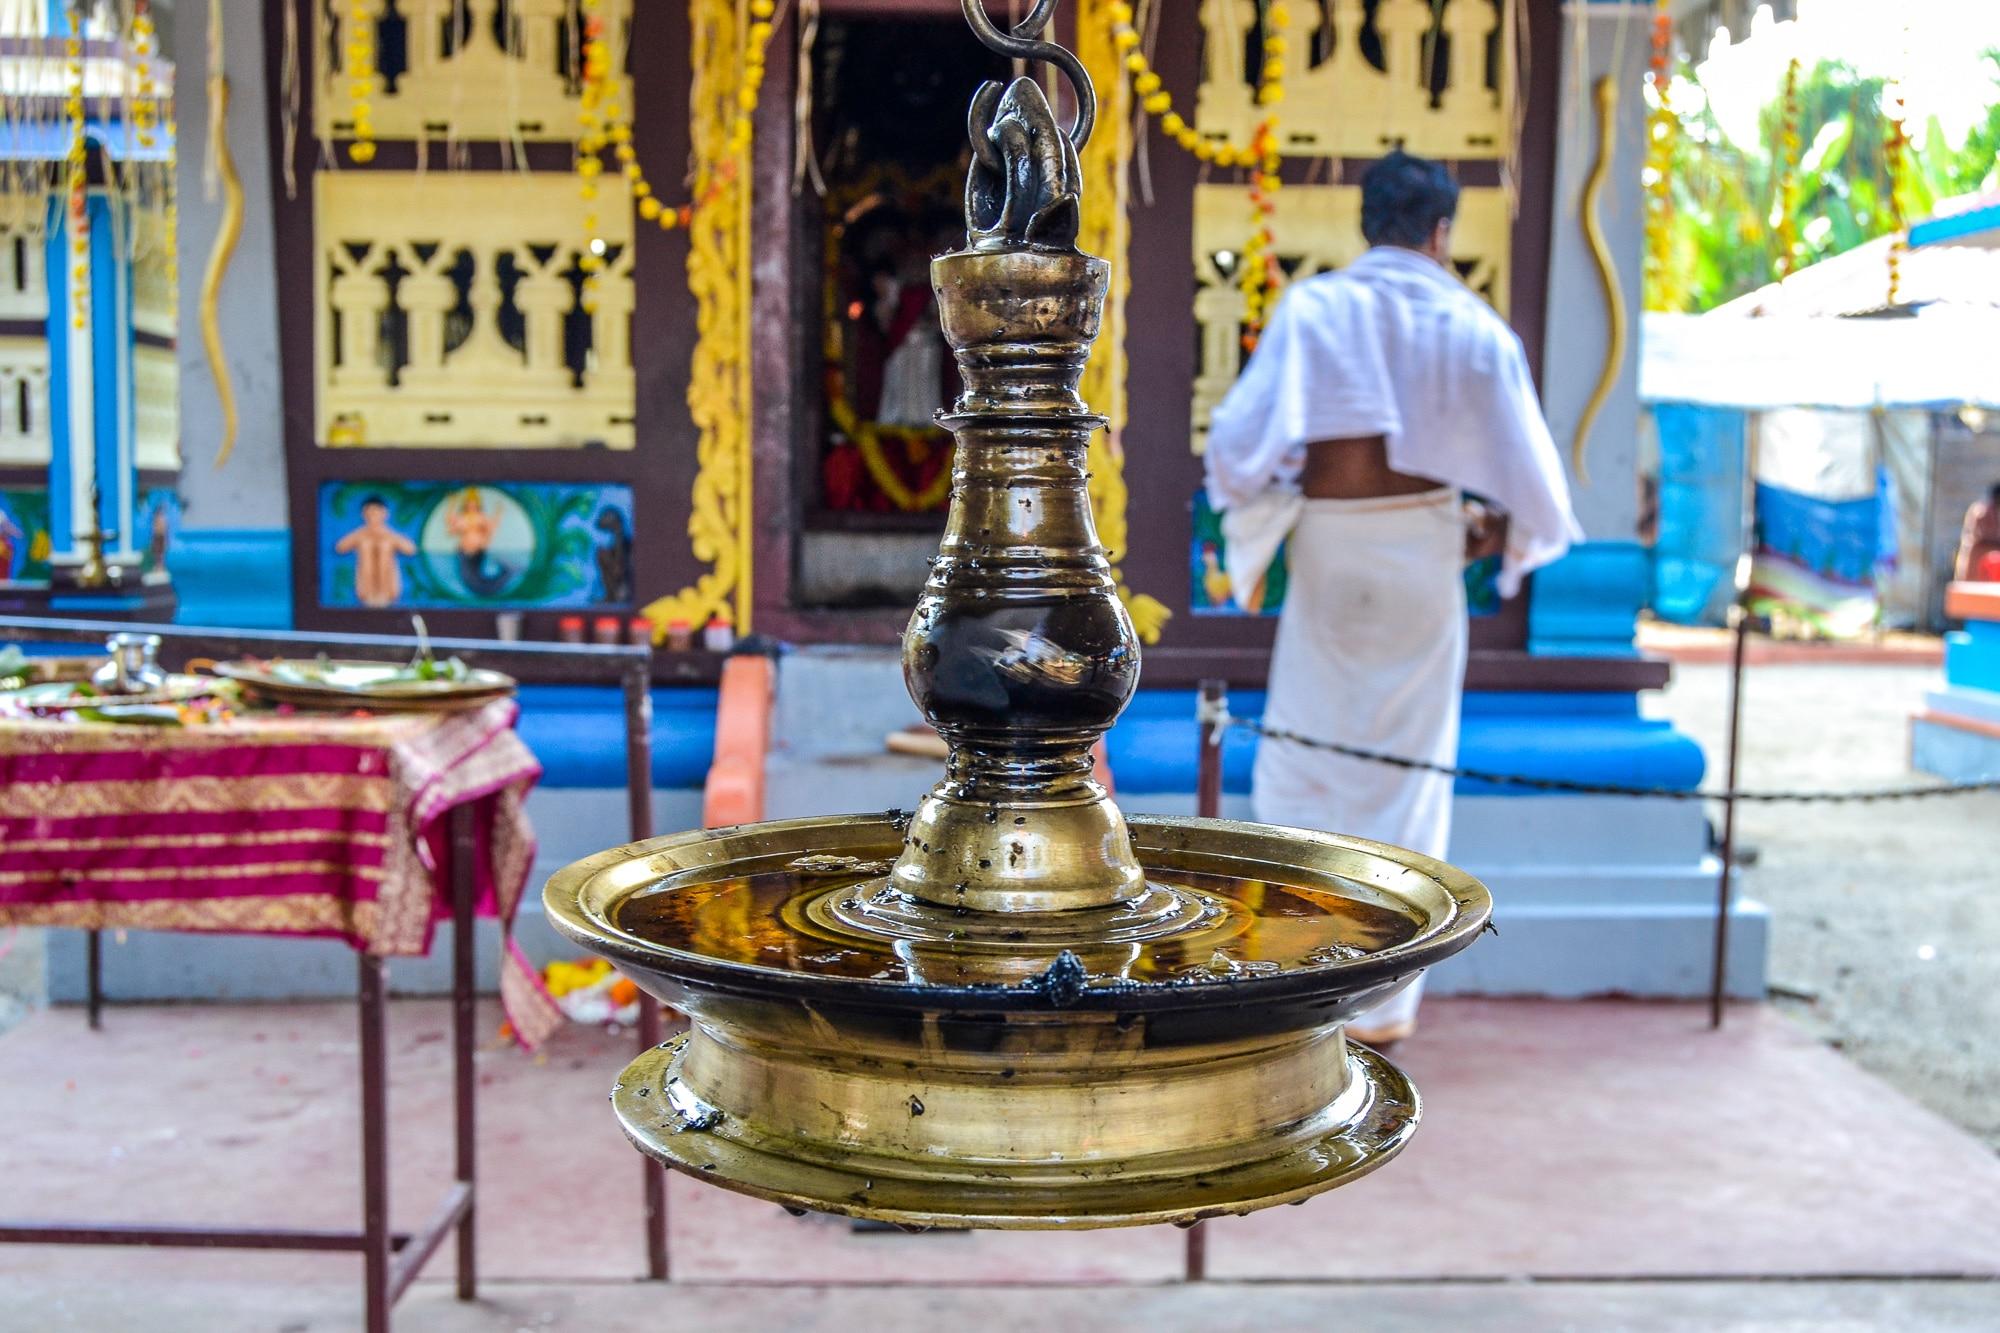 Kerala: Sehenswürdigkeiten, Kultur und Kulinarik im südlichen Indien - Tempel